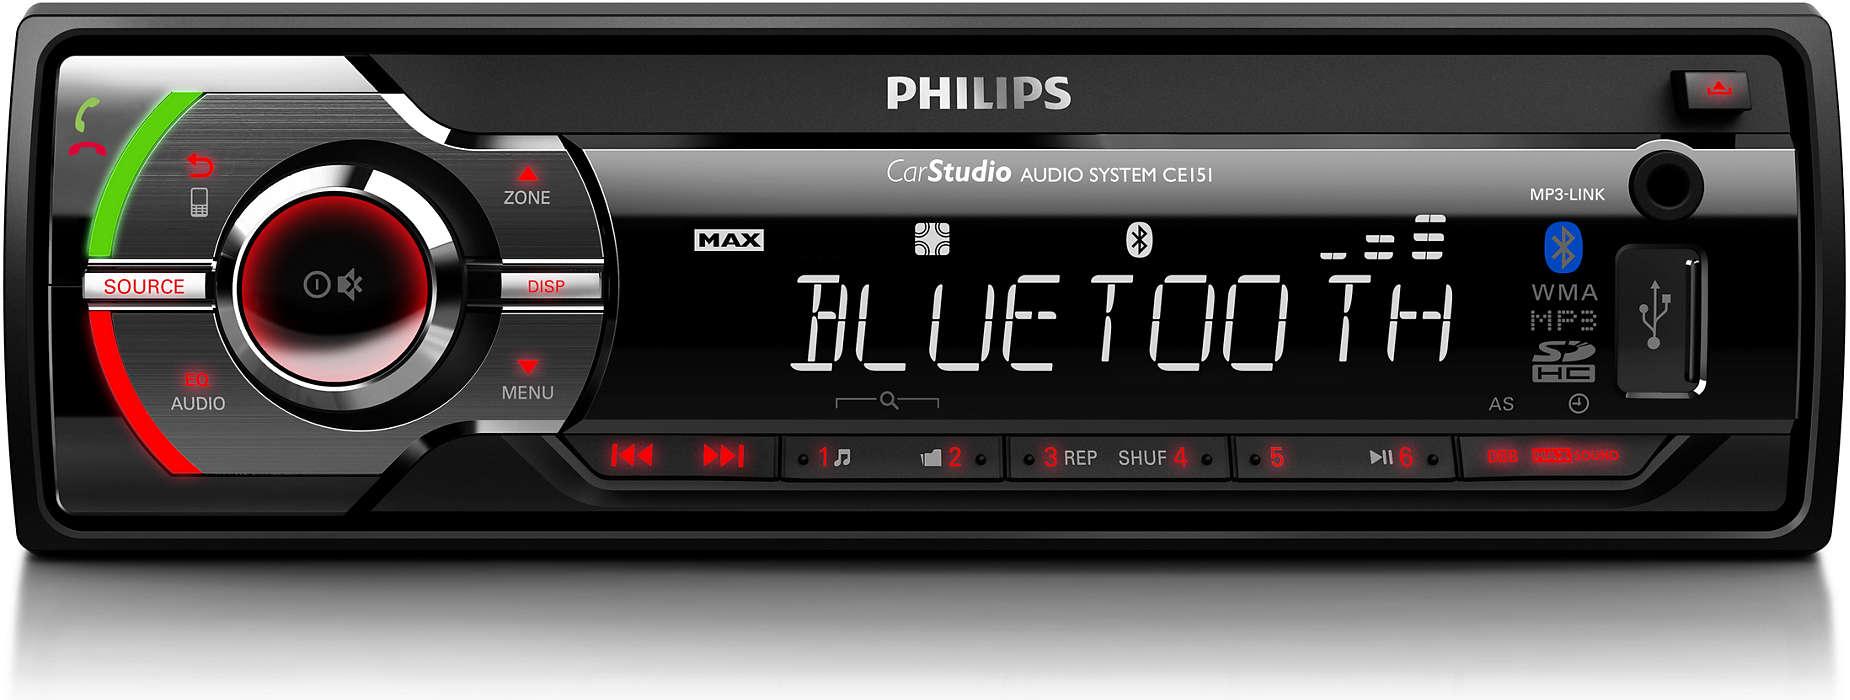 รับฟังการแสดงดนตรีสดในรถยนต์